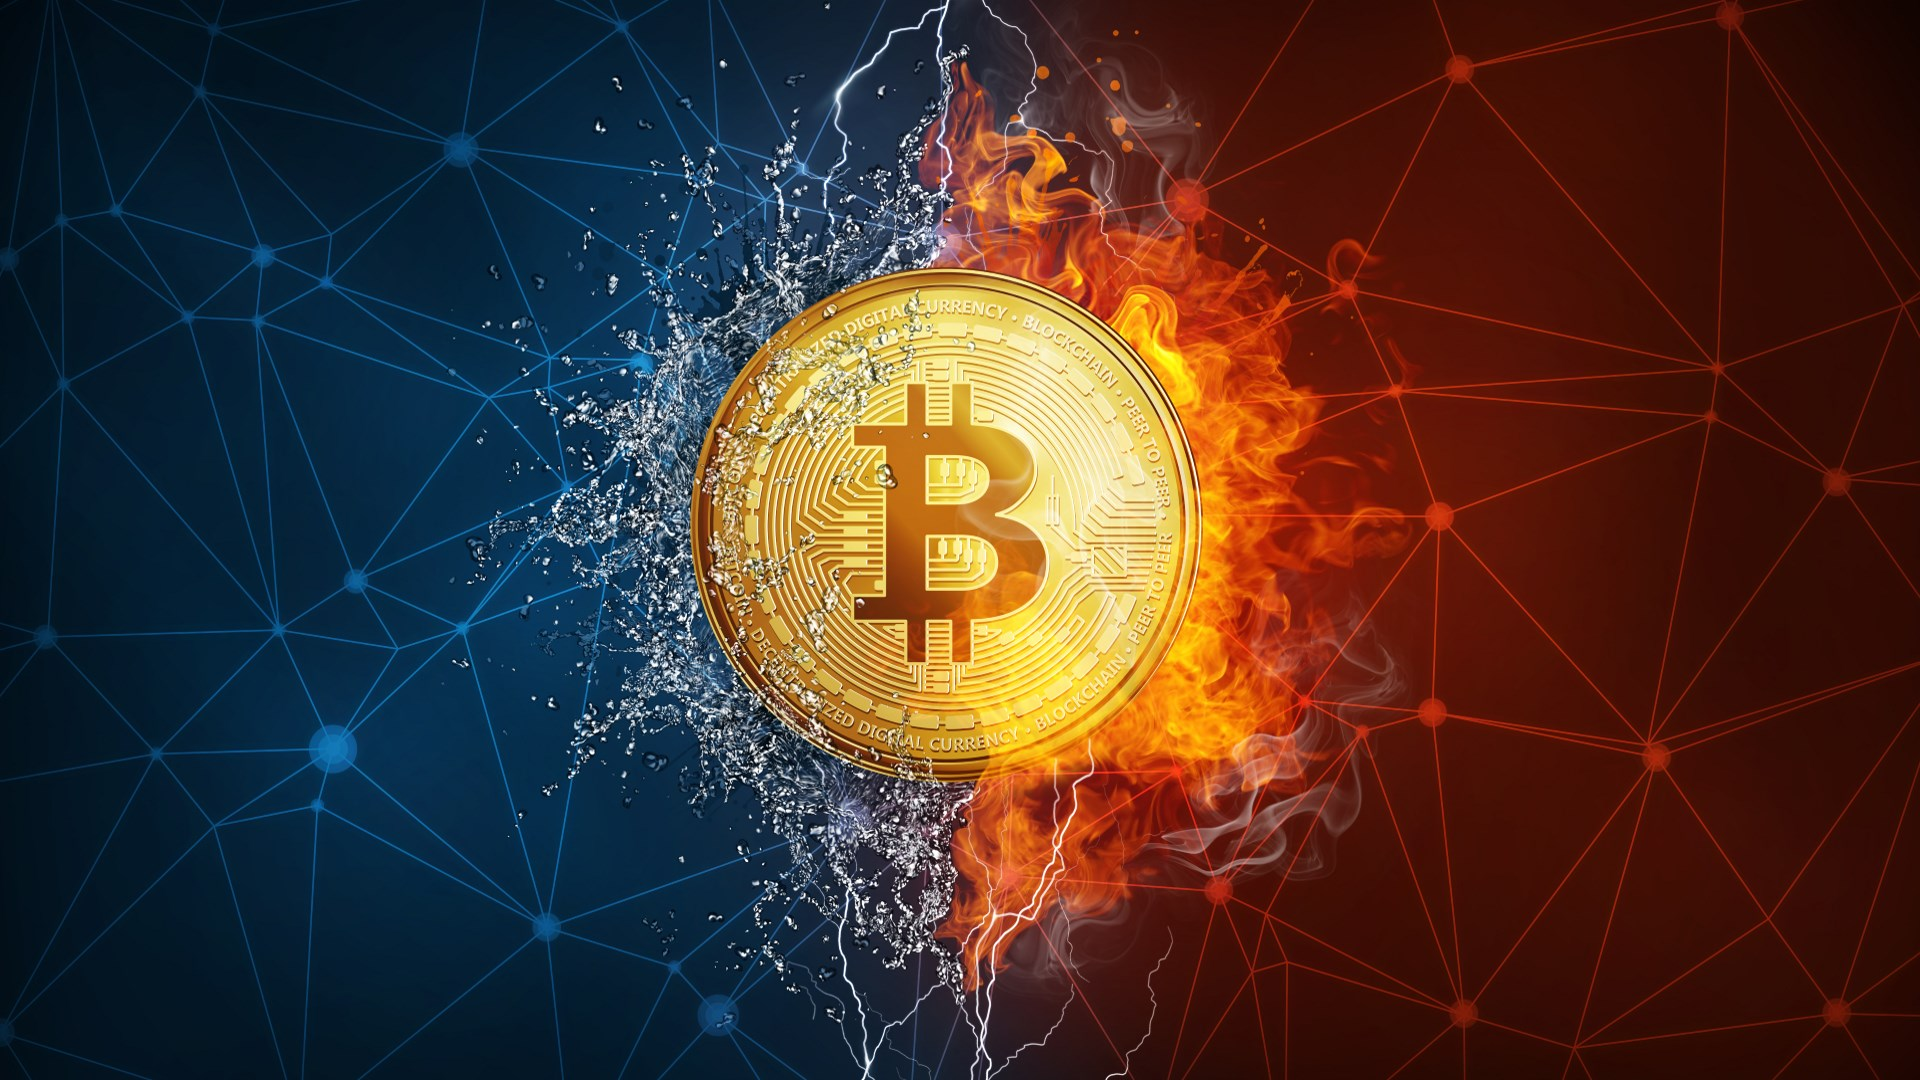 cum să obțineți gratuit bitcoin în india